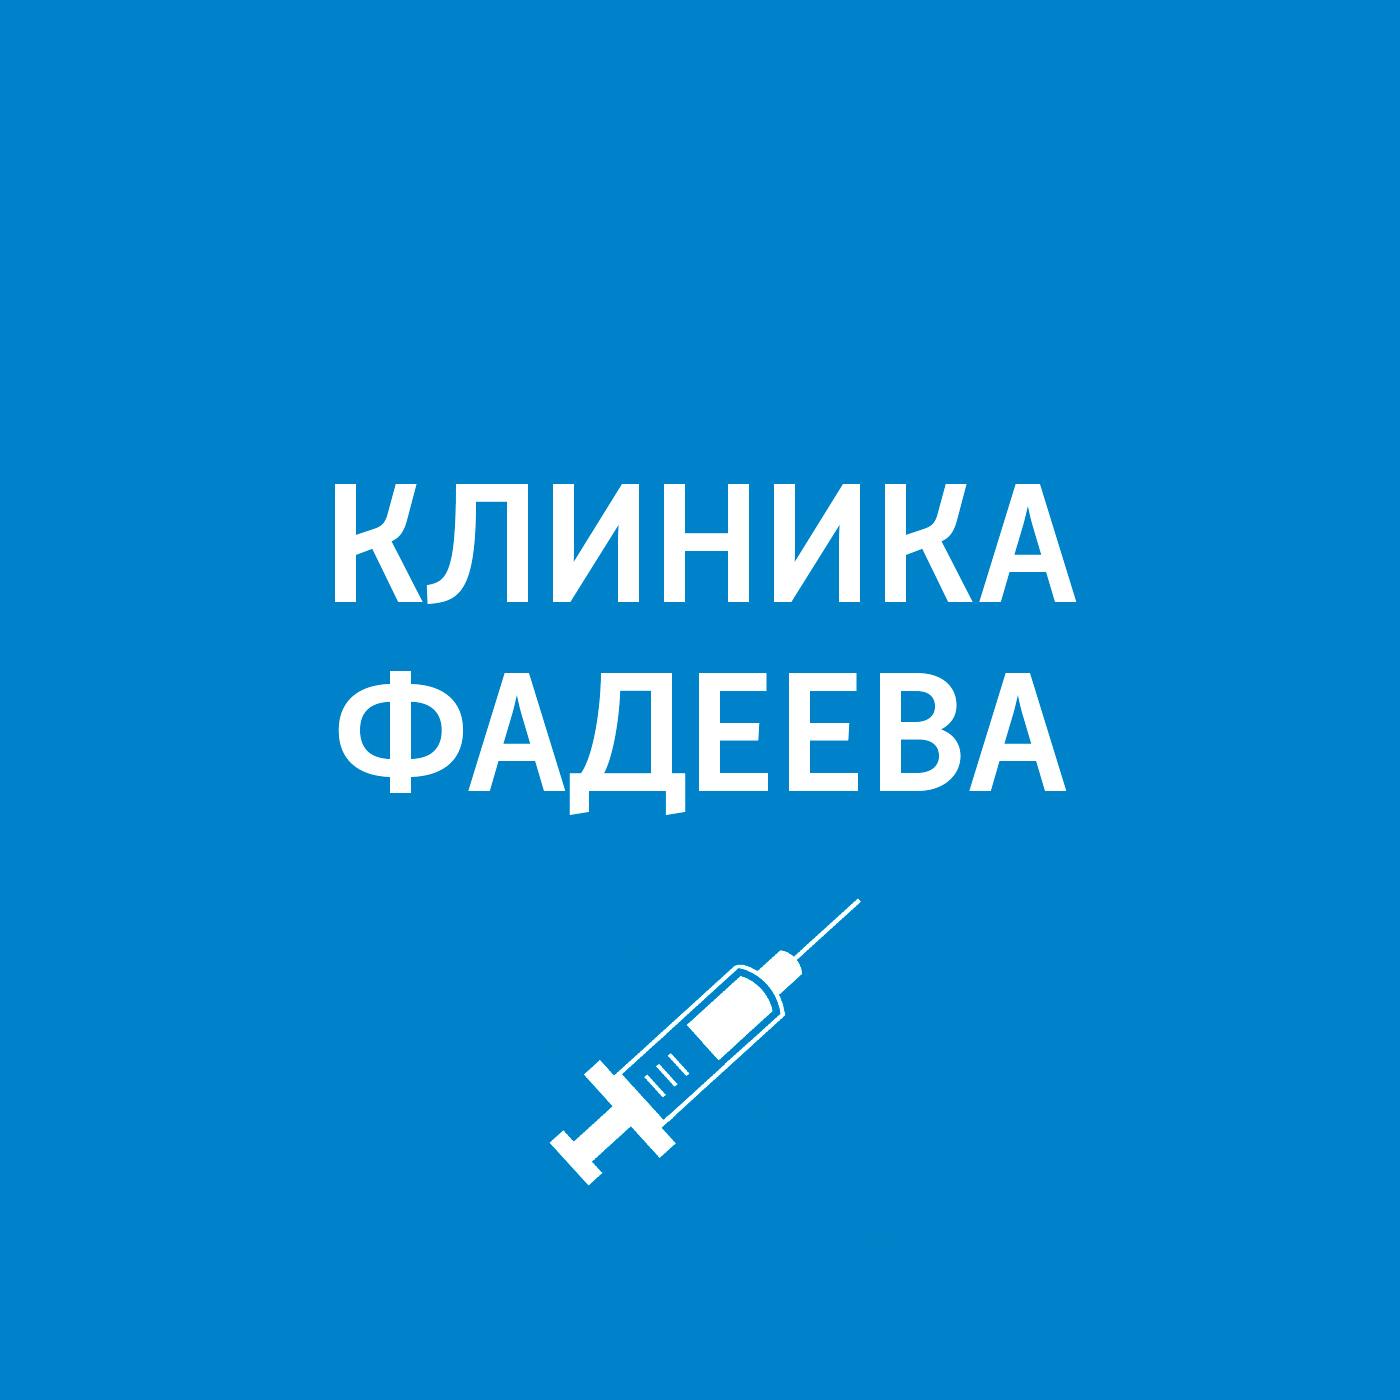 Фото - Пётр Фадеев Приём ведёт врач-нарколог пётр фадеев врач неотложной помощи